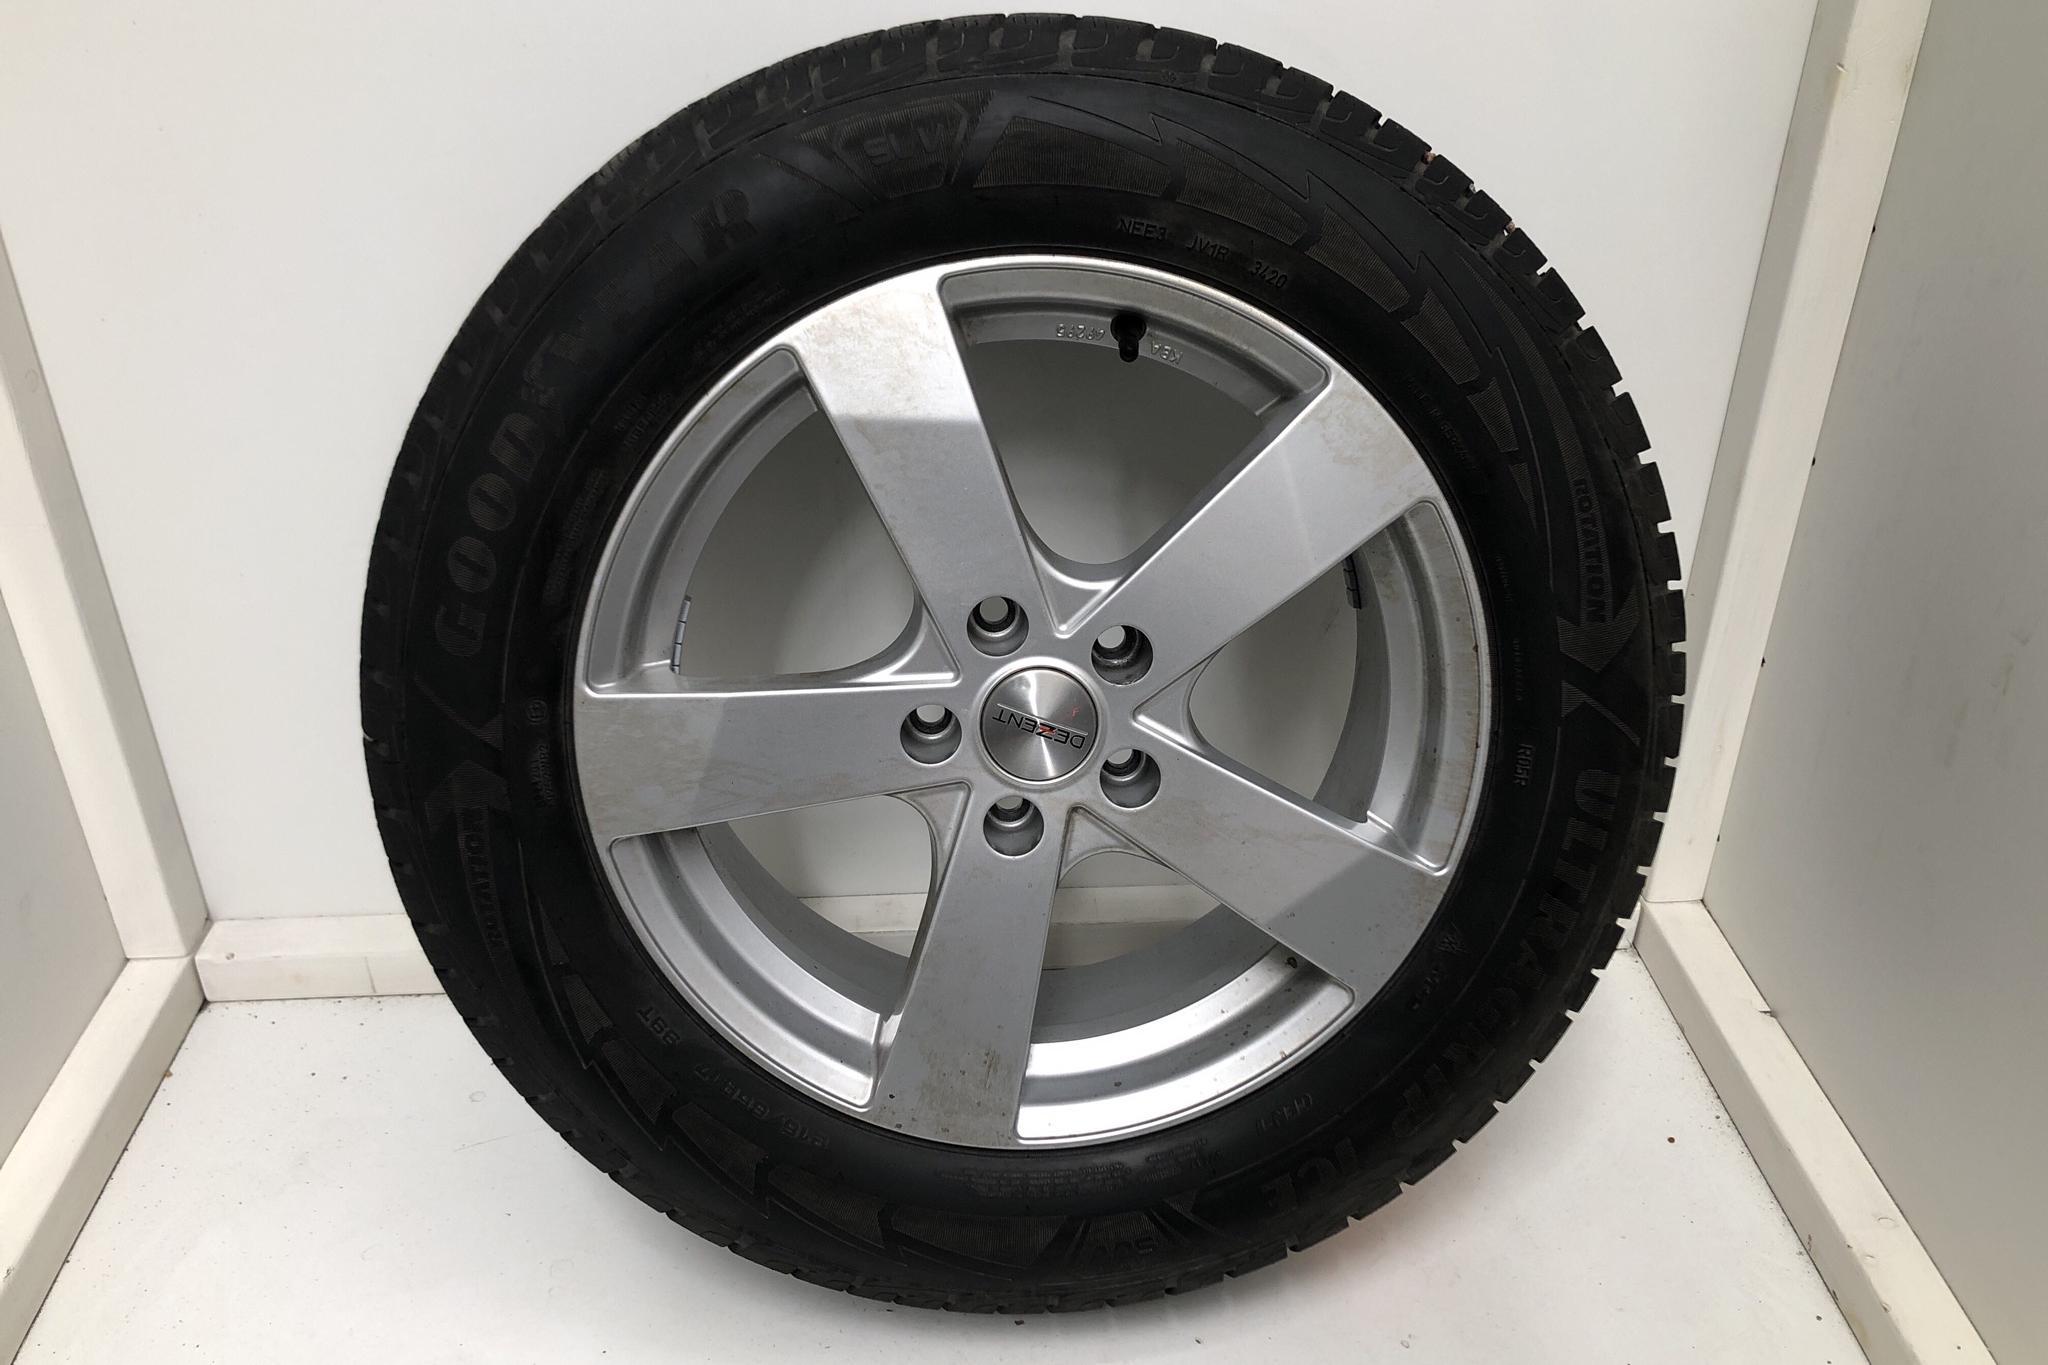 VW Tiguan 2.0 TDI 4MOTION (190hk) - 7 750 mil - Automat - silver - 2018